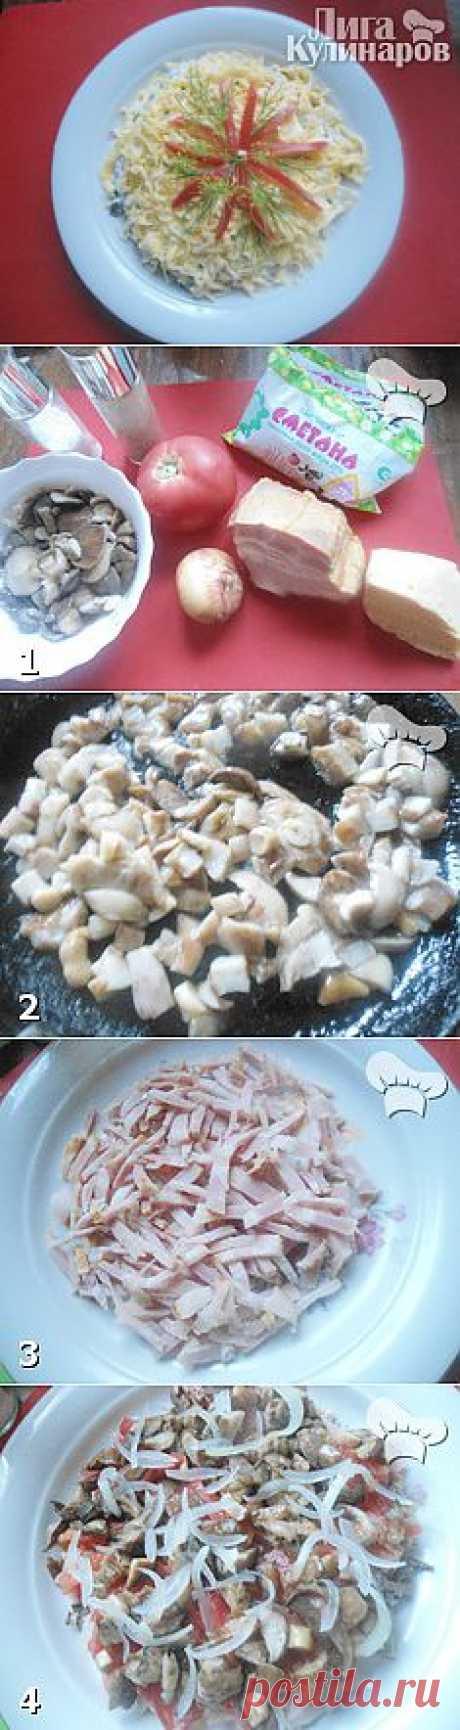 Салат Гранд — рецепт пошаговый от Лиги Кулинаров